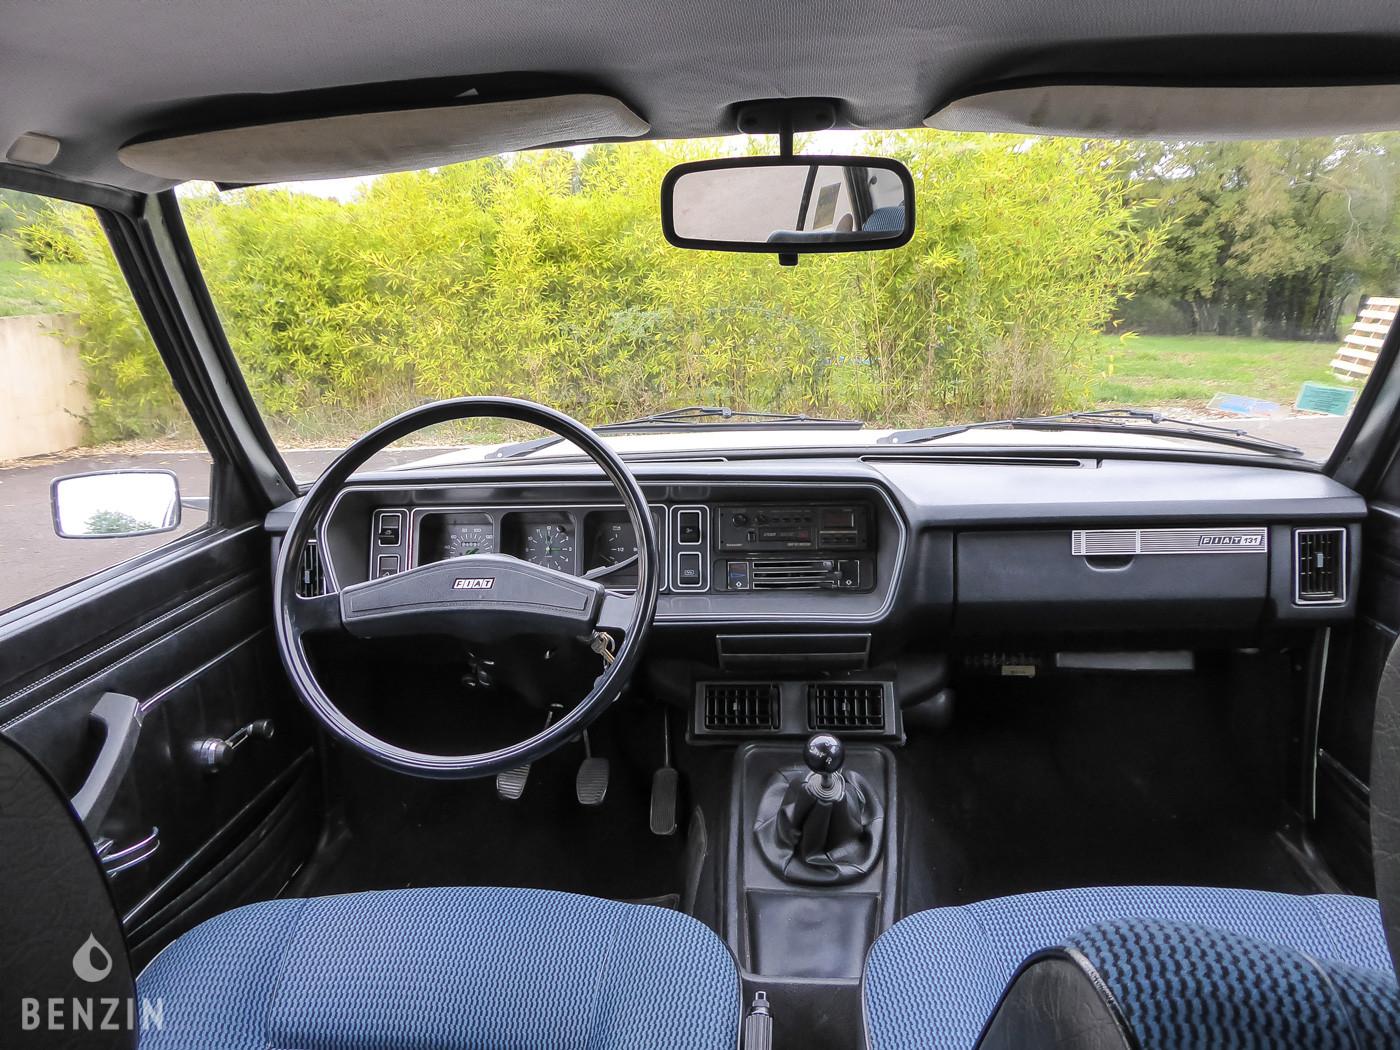 FIAT 131 S MIRAFIORI OCCASION A VENDRE - 1975